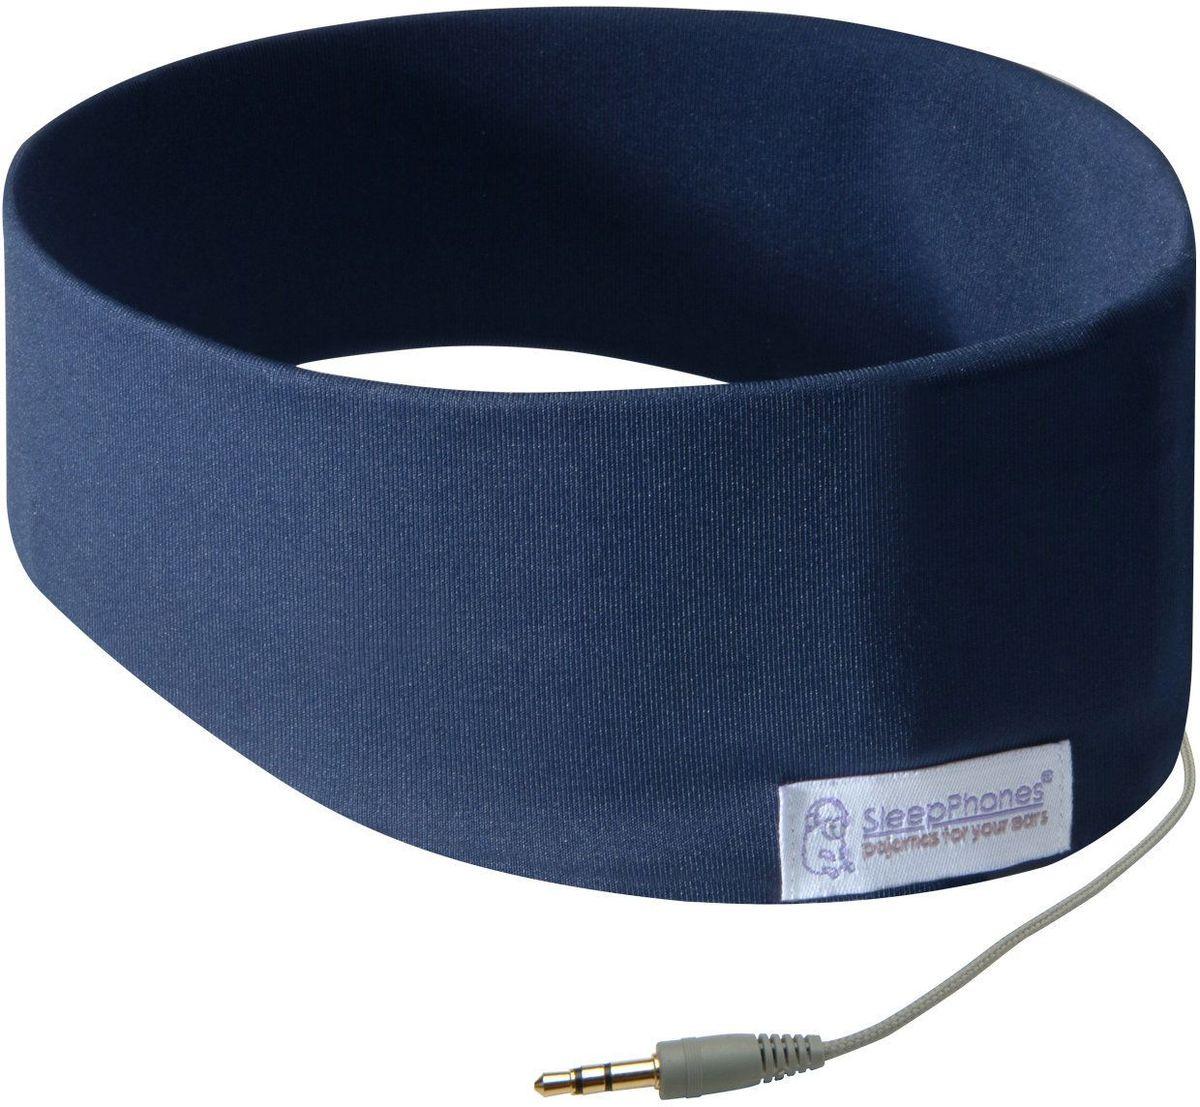 SleepPhone SC5, Blue беспроводные наушникиSC5UMЗапатентованный, уникальный дизайн наушники в головной повязке – для вашего максимального комфорта и удобства. Мягкие ультратонкие беспроводные наушники обеспечивают максимальный комфорт при эксплуатации. Внутри мягкой головной повязки находятся беспроводные динамики. Плоские квадратные динамики заключены в текстильные чехлы. Материал динамиков гибкий, не имеющий никаких острых, громоздких краев и деталей. Динамики могут изменять положения для достижения максимального качества звучания, либо выниматься, если головную повязку необходимо постирать. Наушники SleepPhones обеспечивают надежную фиксацию, они остаются на месте во время активных движений при тренировке или во время сна.Мягкая, комфортная повязка-наушники SleepPhones помогает заснуть быстрее и спать крепче, снижая влияние окружающего шума, разговоров, звуков движения, храпа.Головная повязка изготовлена из гипоаллергенной ткани, которую можно стирать в стиральной машине.Усовершенствованное качество звука, экологически чистая электроника, без присутствия свинца.Сверхтонкая, мягкая, съемная внутренняя система стереонаушников.Шнур: 120 смСтерео-разъем: 3.5 мм, 32 Ом, 20-20 кГц, 300/500 мВтСоответствие Директивам ЕС по ограничению вредных веществРазмеры: 55-59смЦвета: черный, бледно-лиловый, светло-серый, модель Breeze - розовый, синий.Материал: классическая версия: 88% переработанный пластик-полиэстер Polartec, 12% спандекс; версия Breeze: 95% переработанный пластик-полиэстер Polartec, 5% спандекс.Сшито и укомплектовано в США